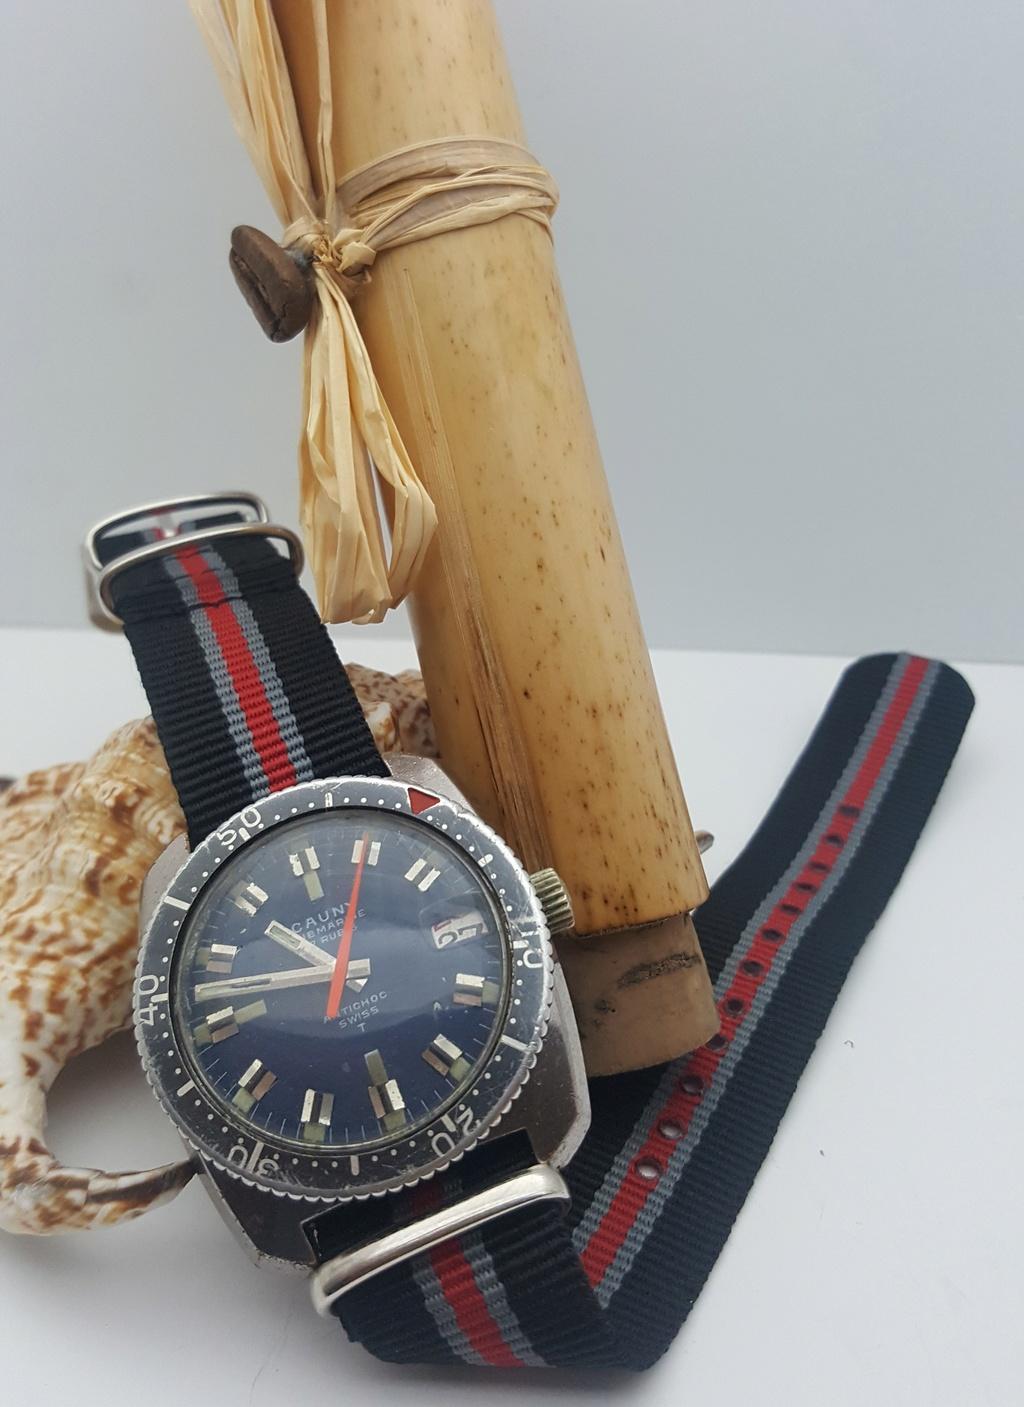 Relógios de mergulho vintage - Página 7 Cauny_10